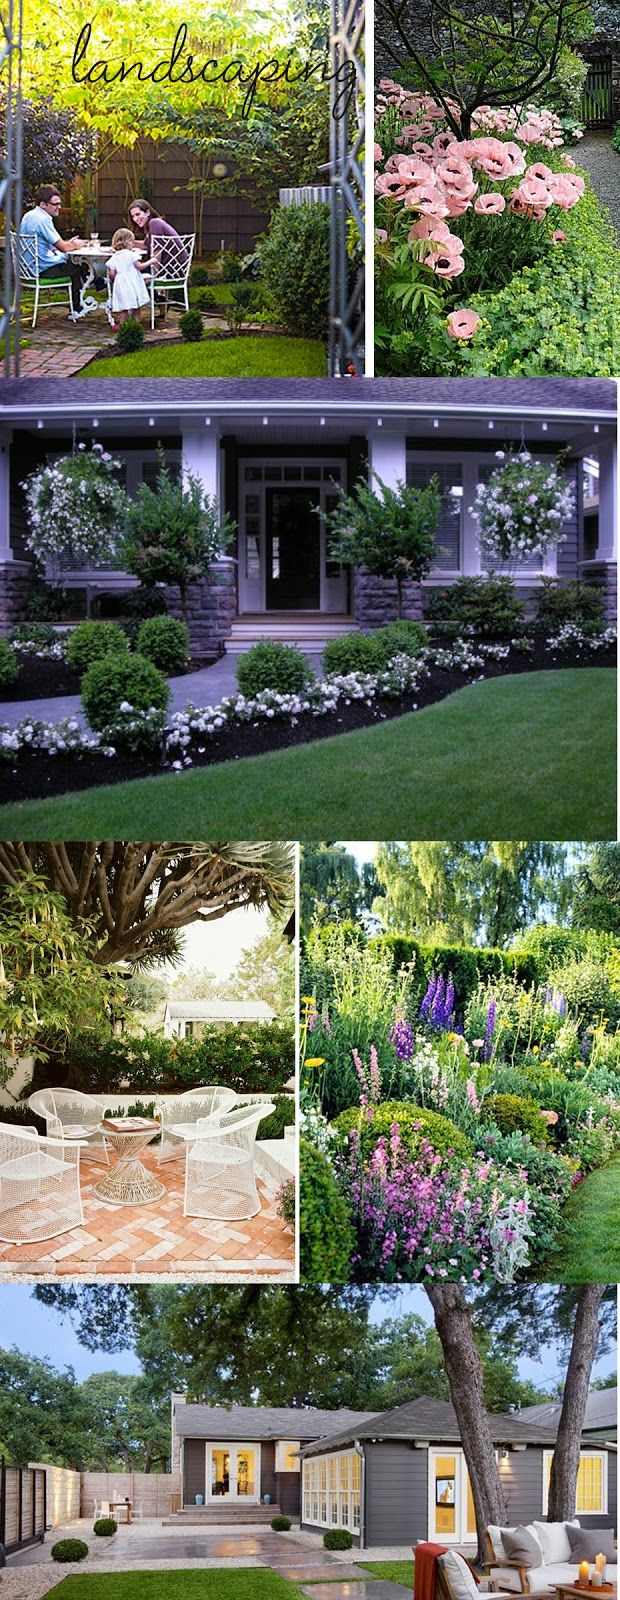 Landscaping ideas jardin pinterest jardines jard n Ideas paisajismo jardines